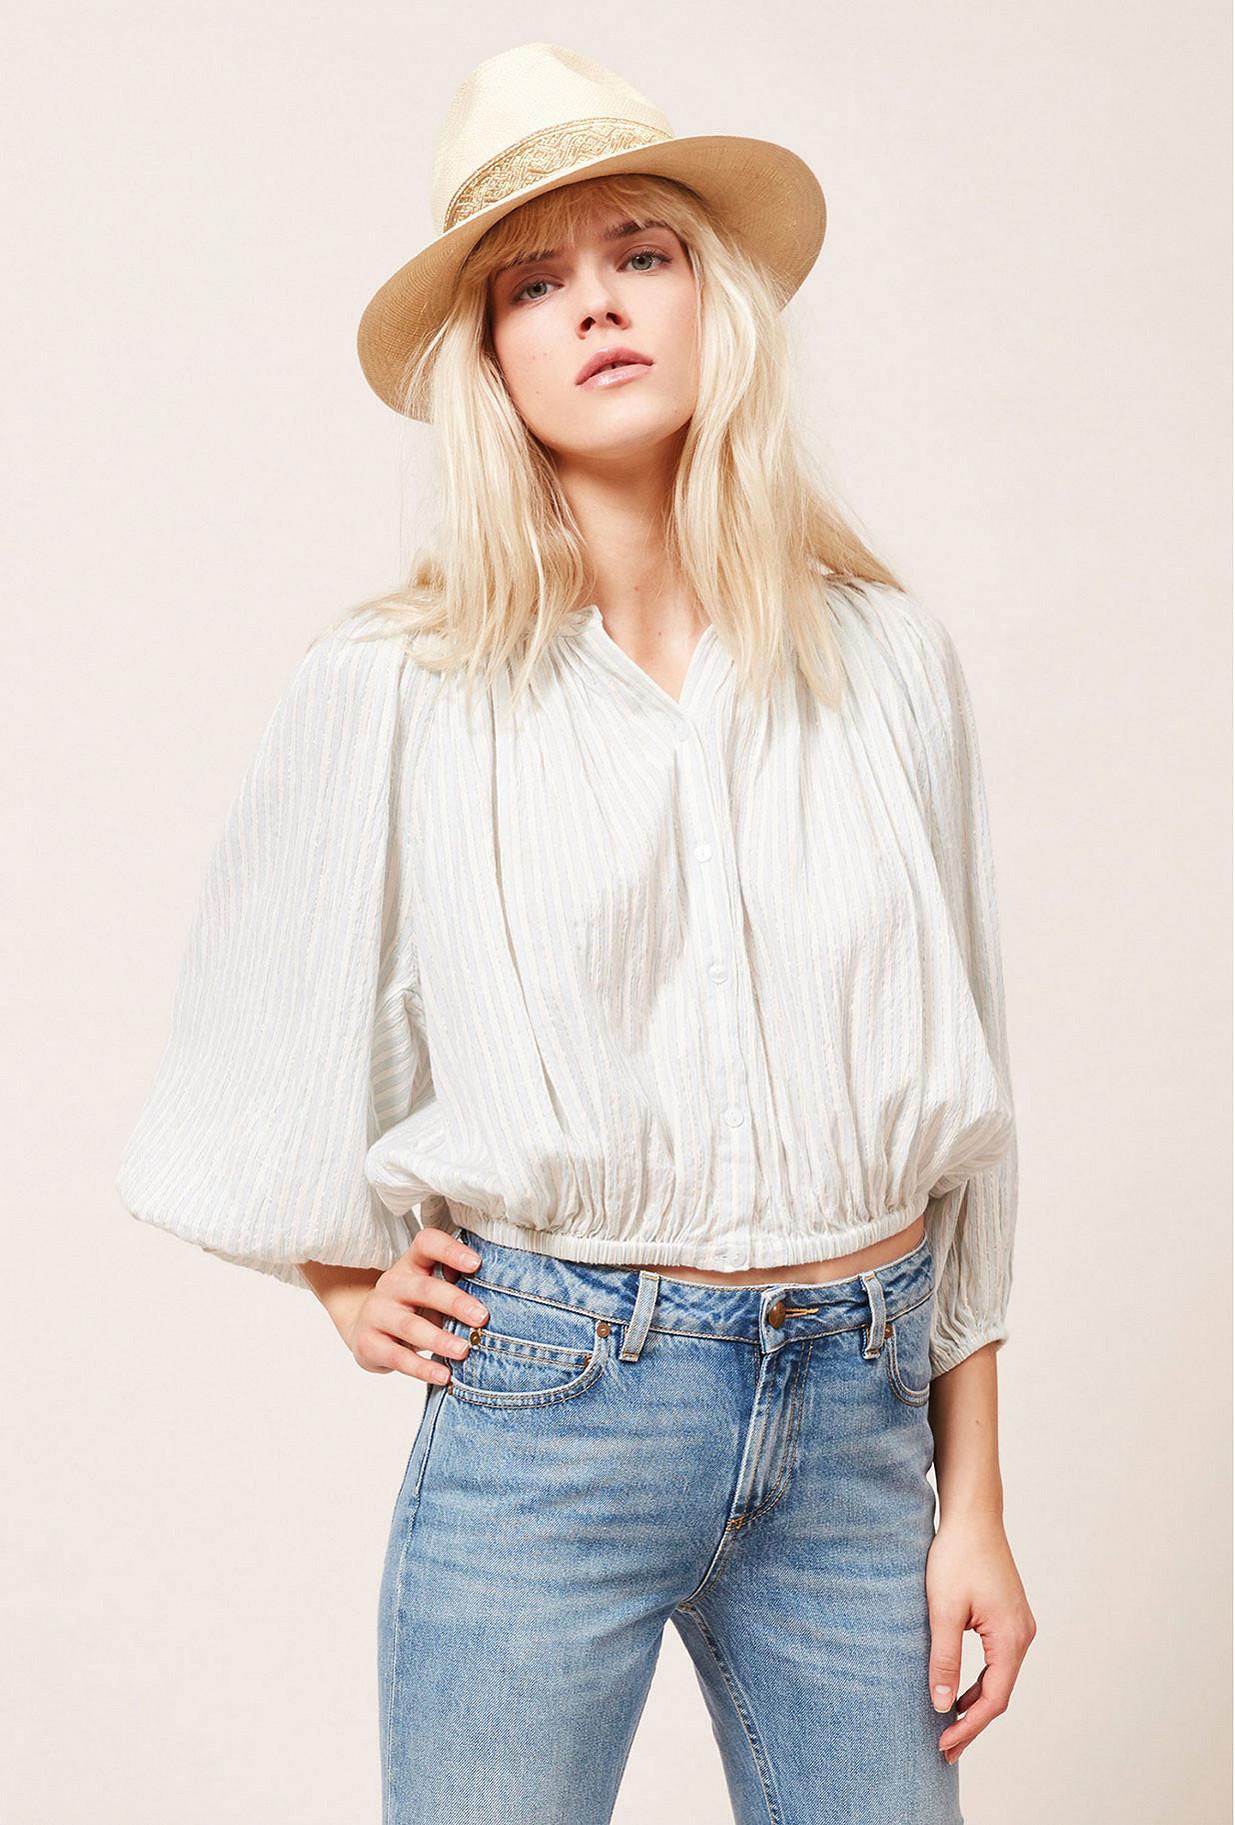 Paris boutique de mode vêtement Blouse créateur bohème  Aquarella